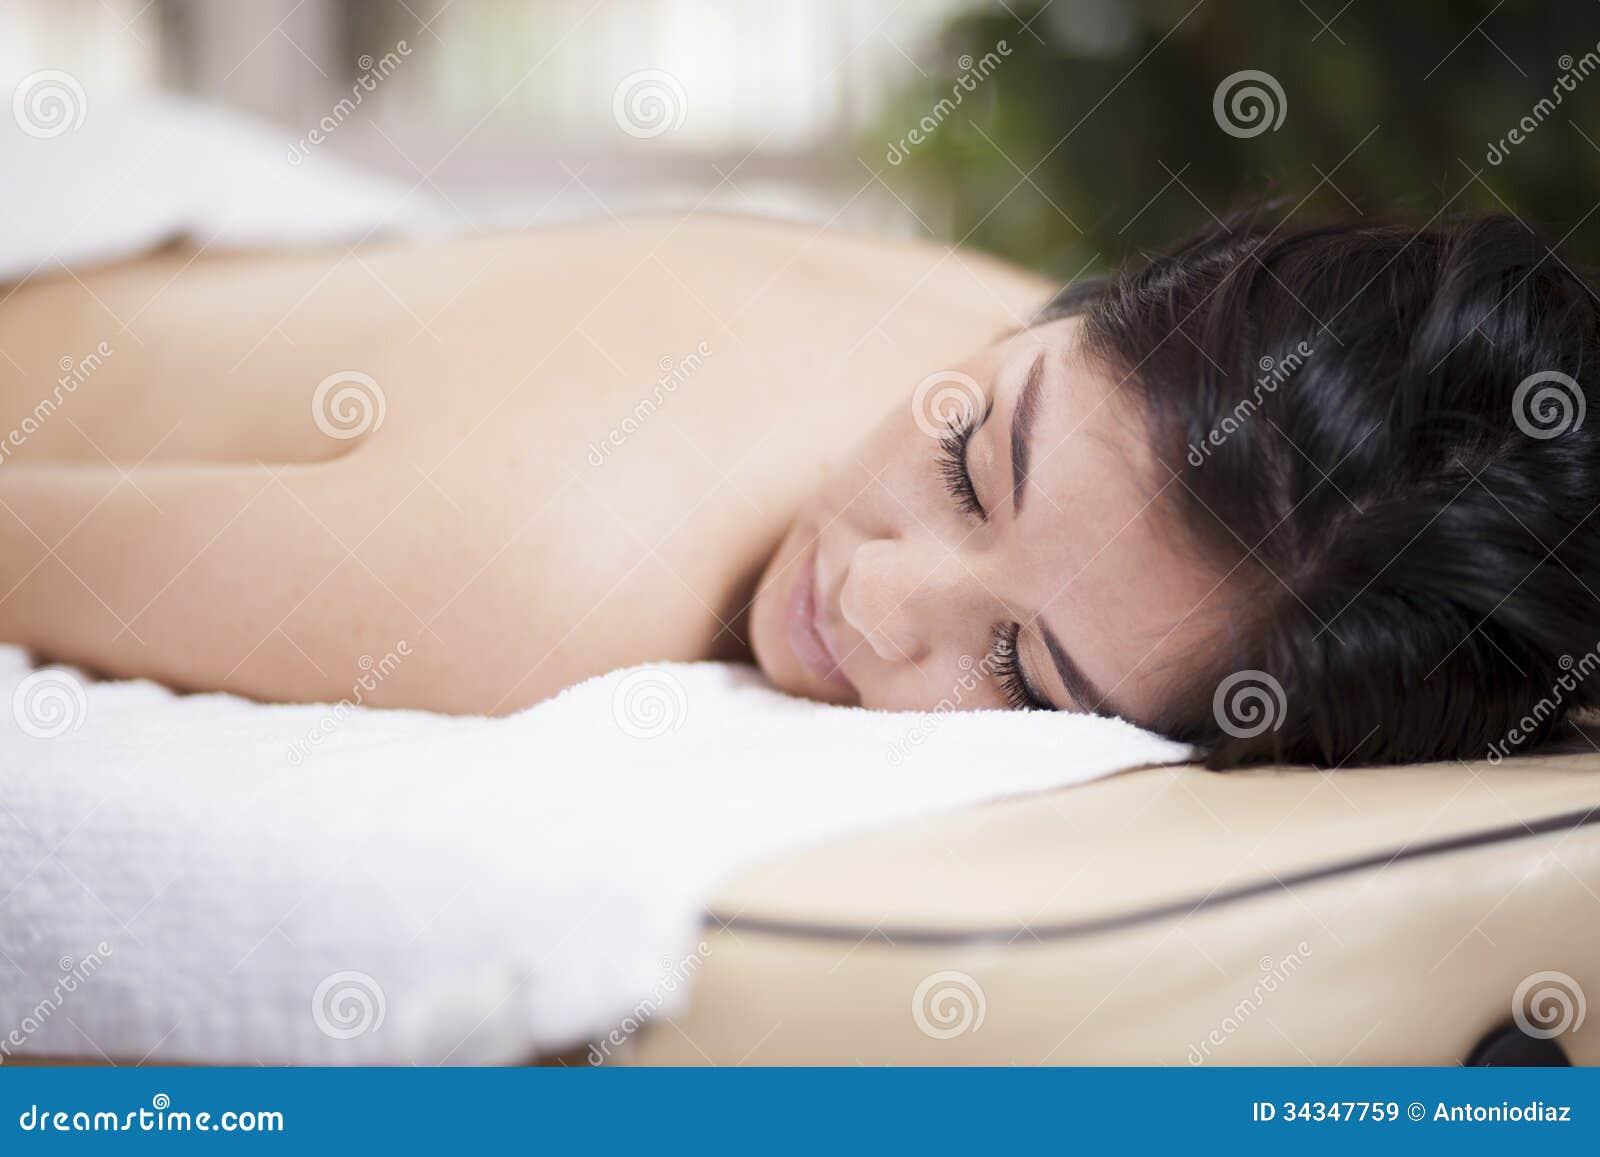 bbw free massage Sydney